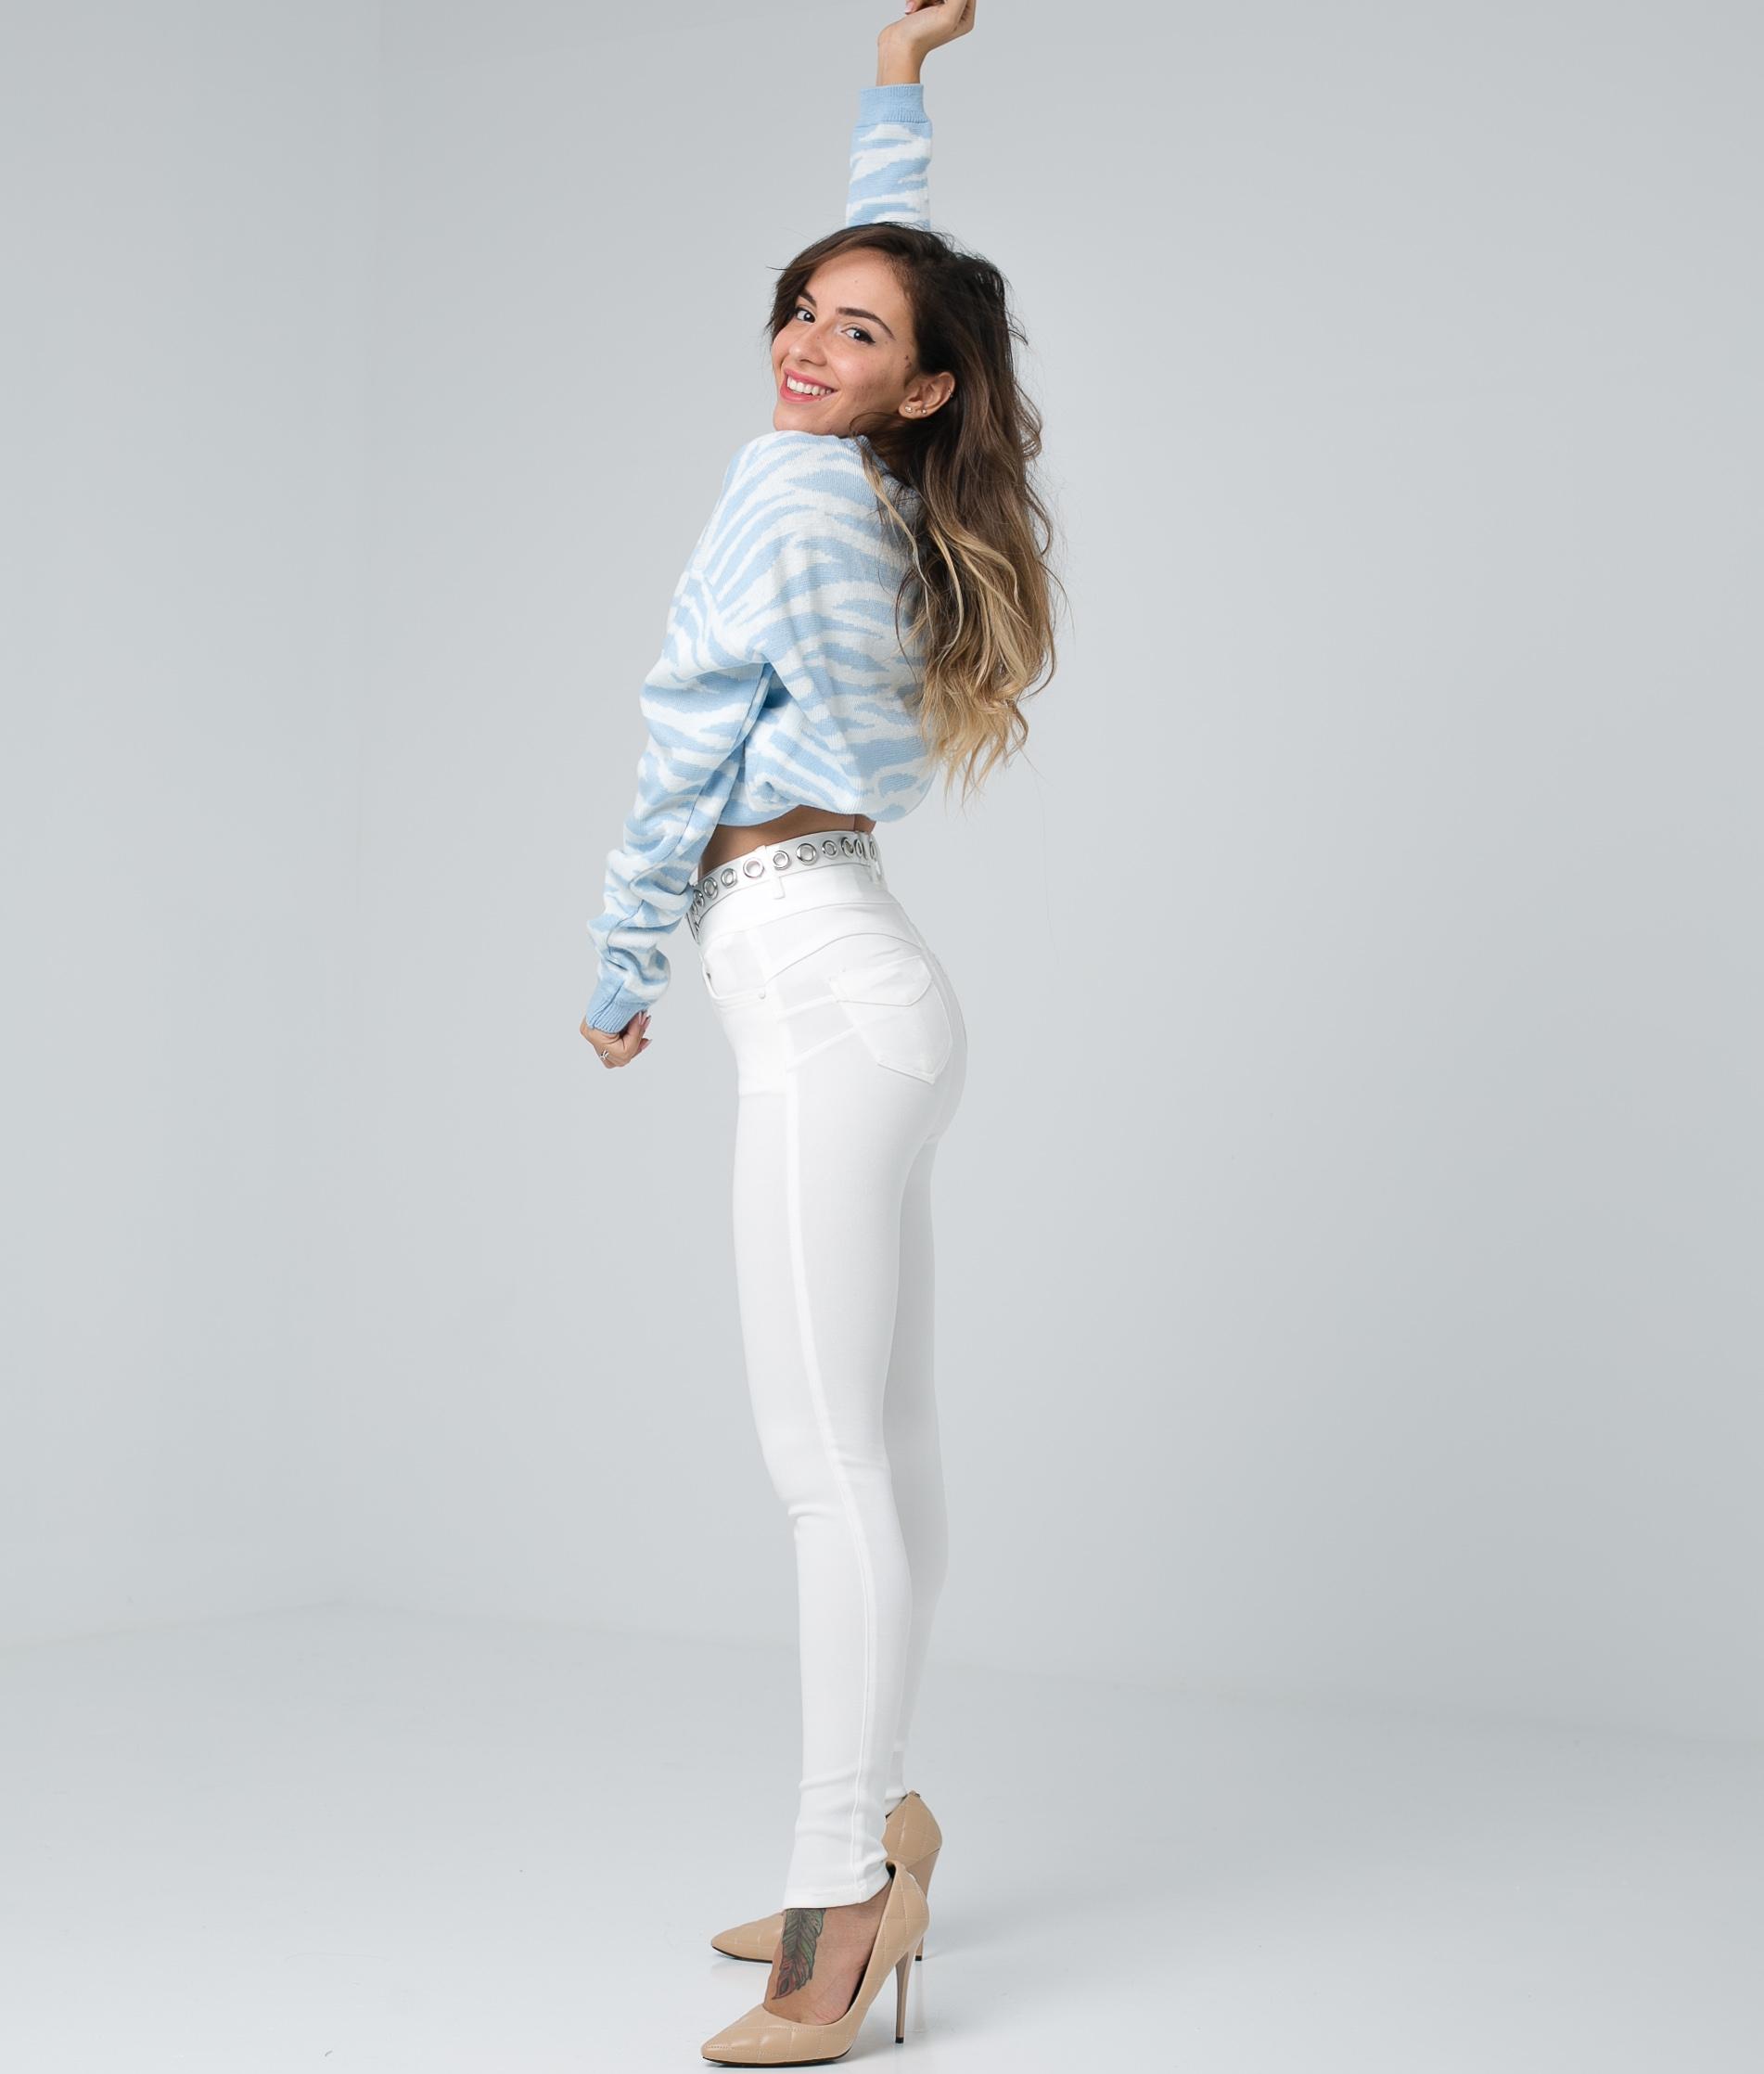 Pantaloni Subama - Blanco